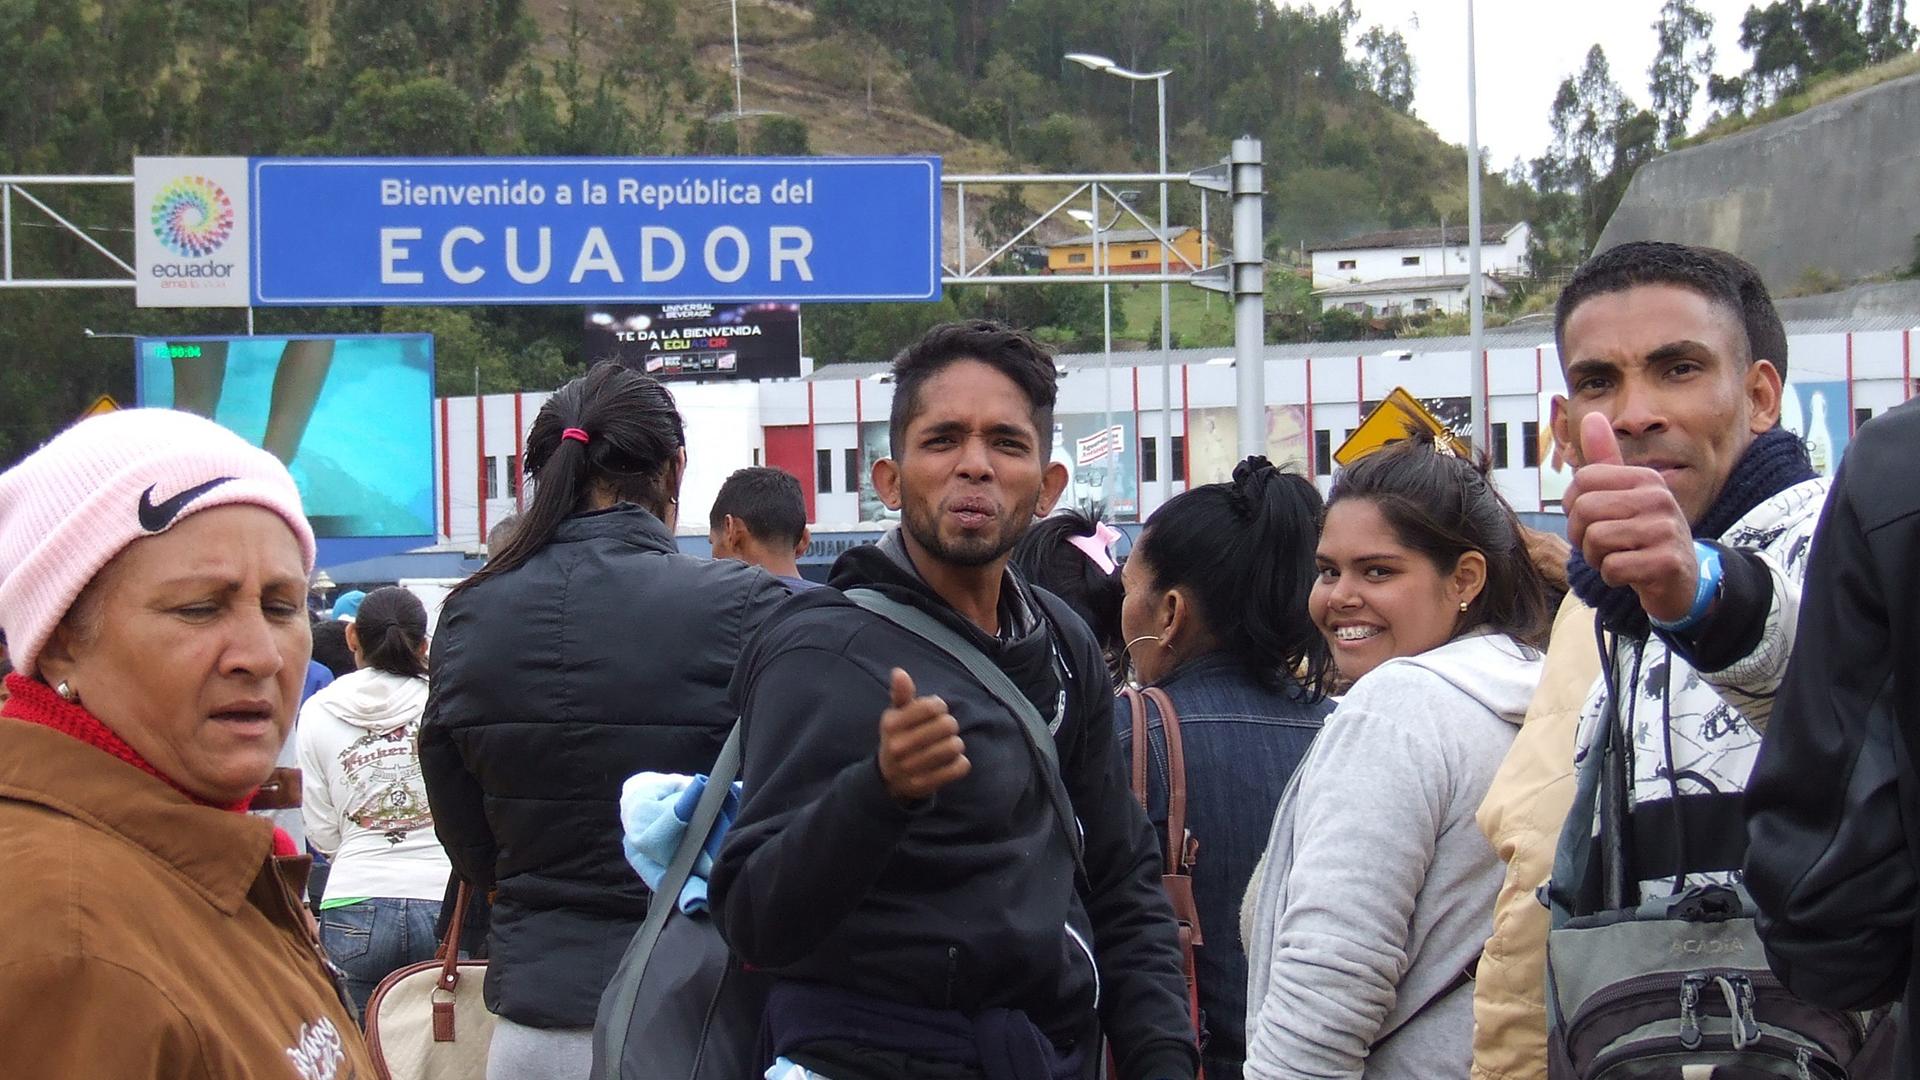 Casi 600 mil venezolanos cruzaron la frontera en los últimos 4 meses